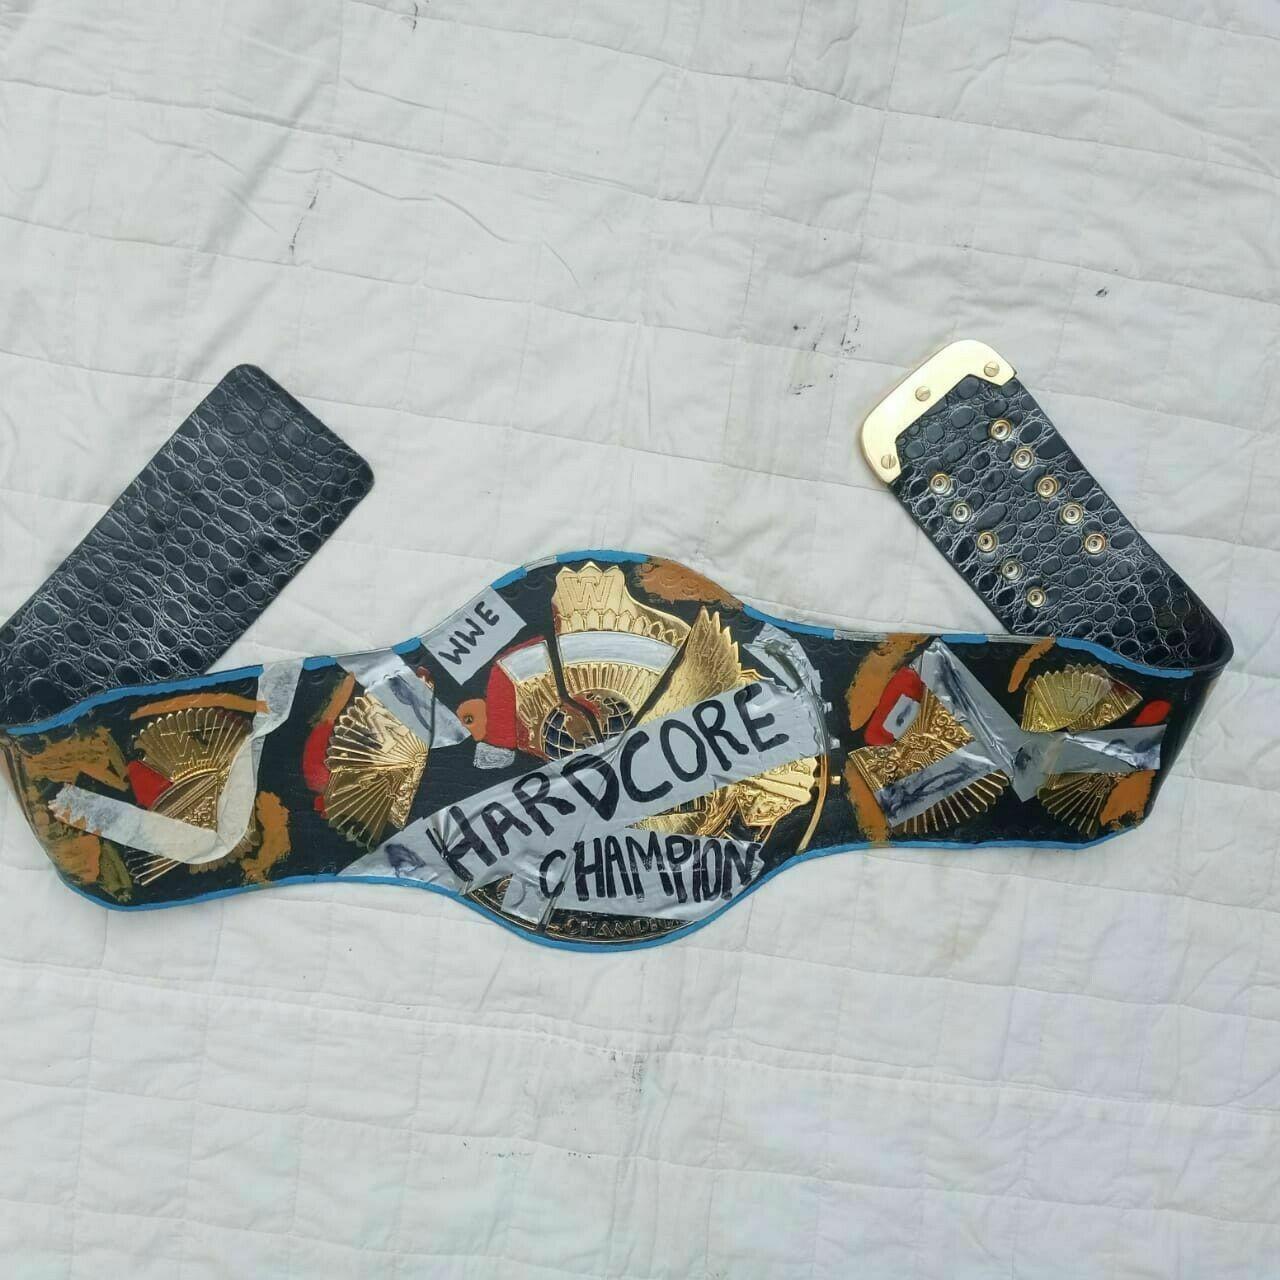 WWE Hardcore Championship Belt - $350